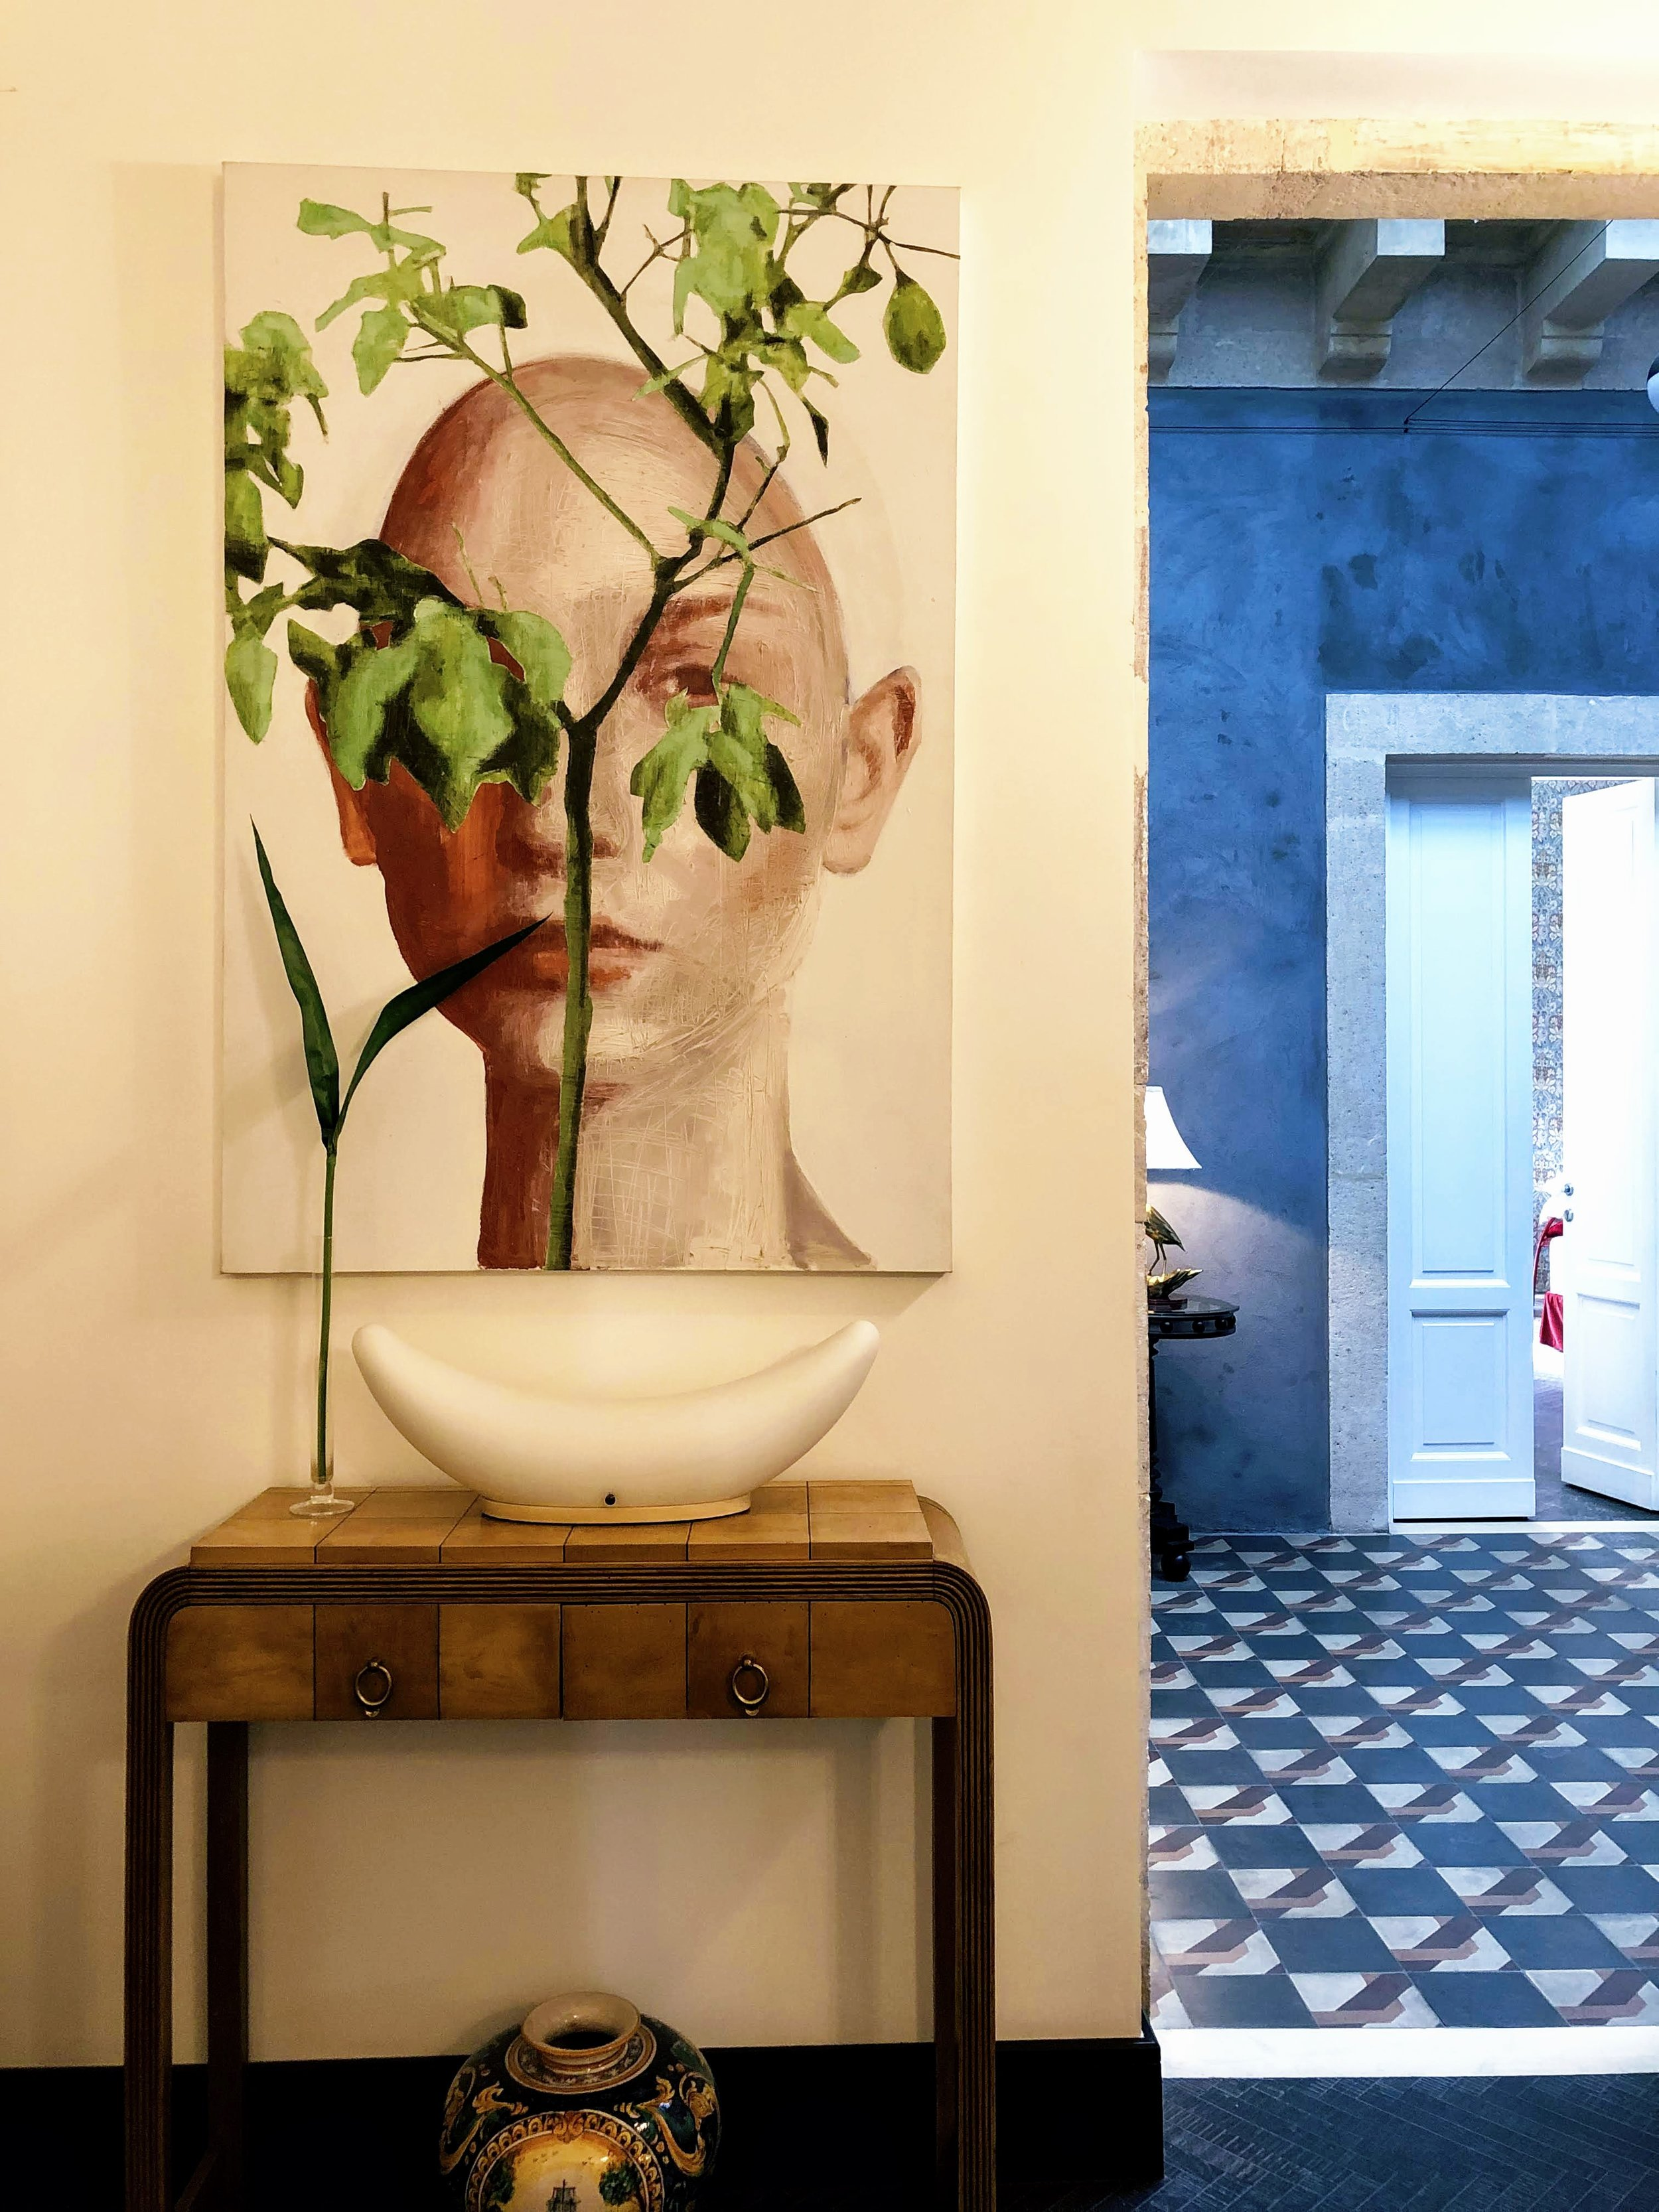 Asmundo di Gisira art hotel in Catania, Sicily